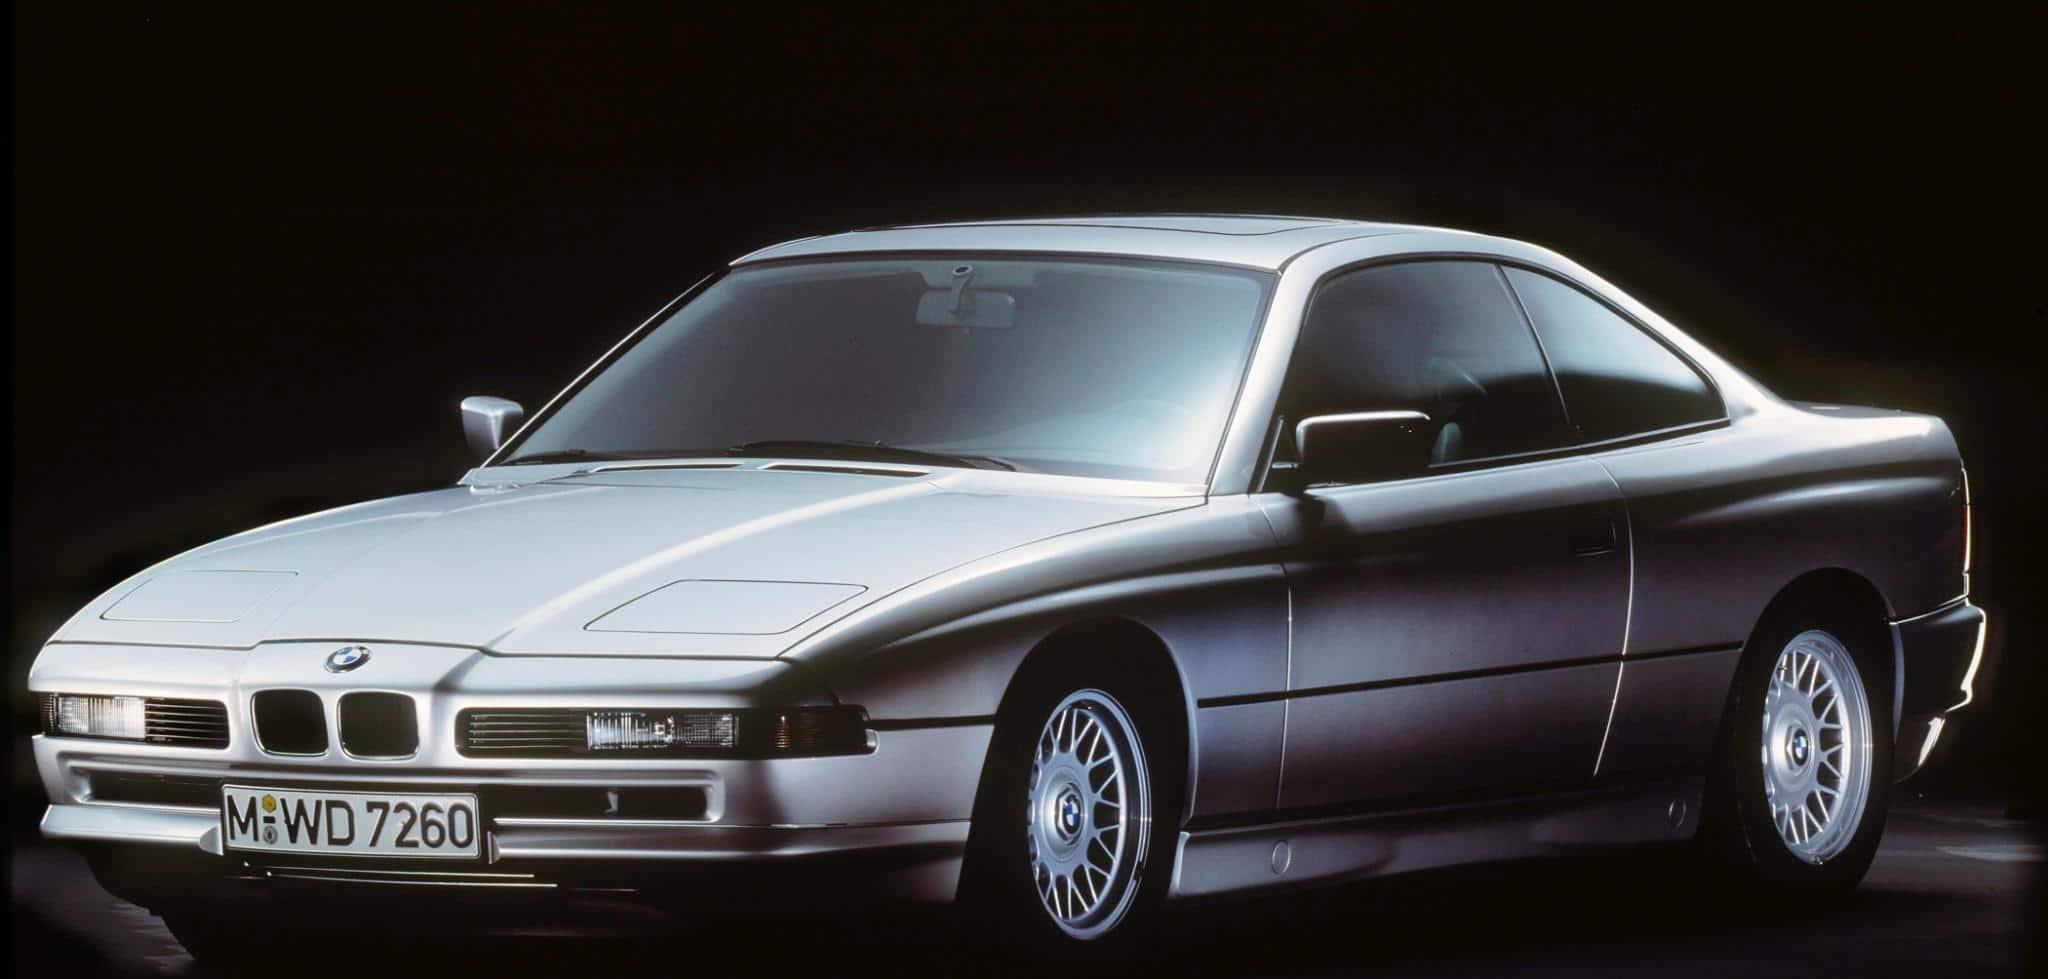 BMW 8 серии E31 - благородный флагман из 90-х 2